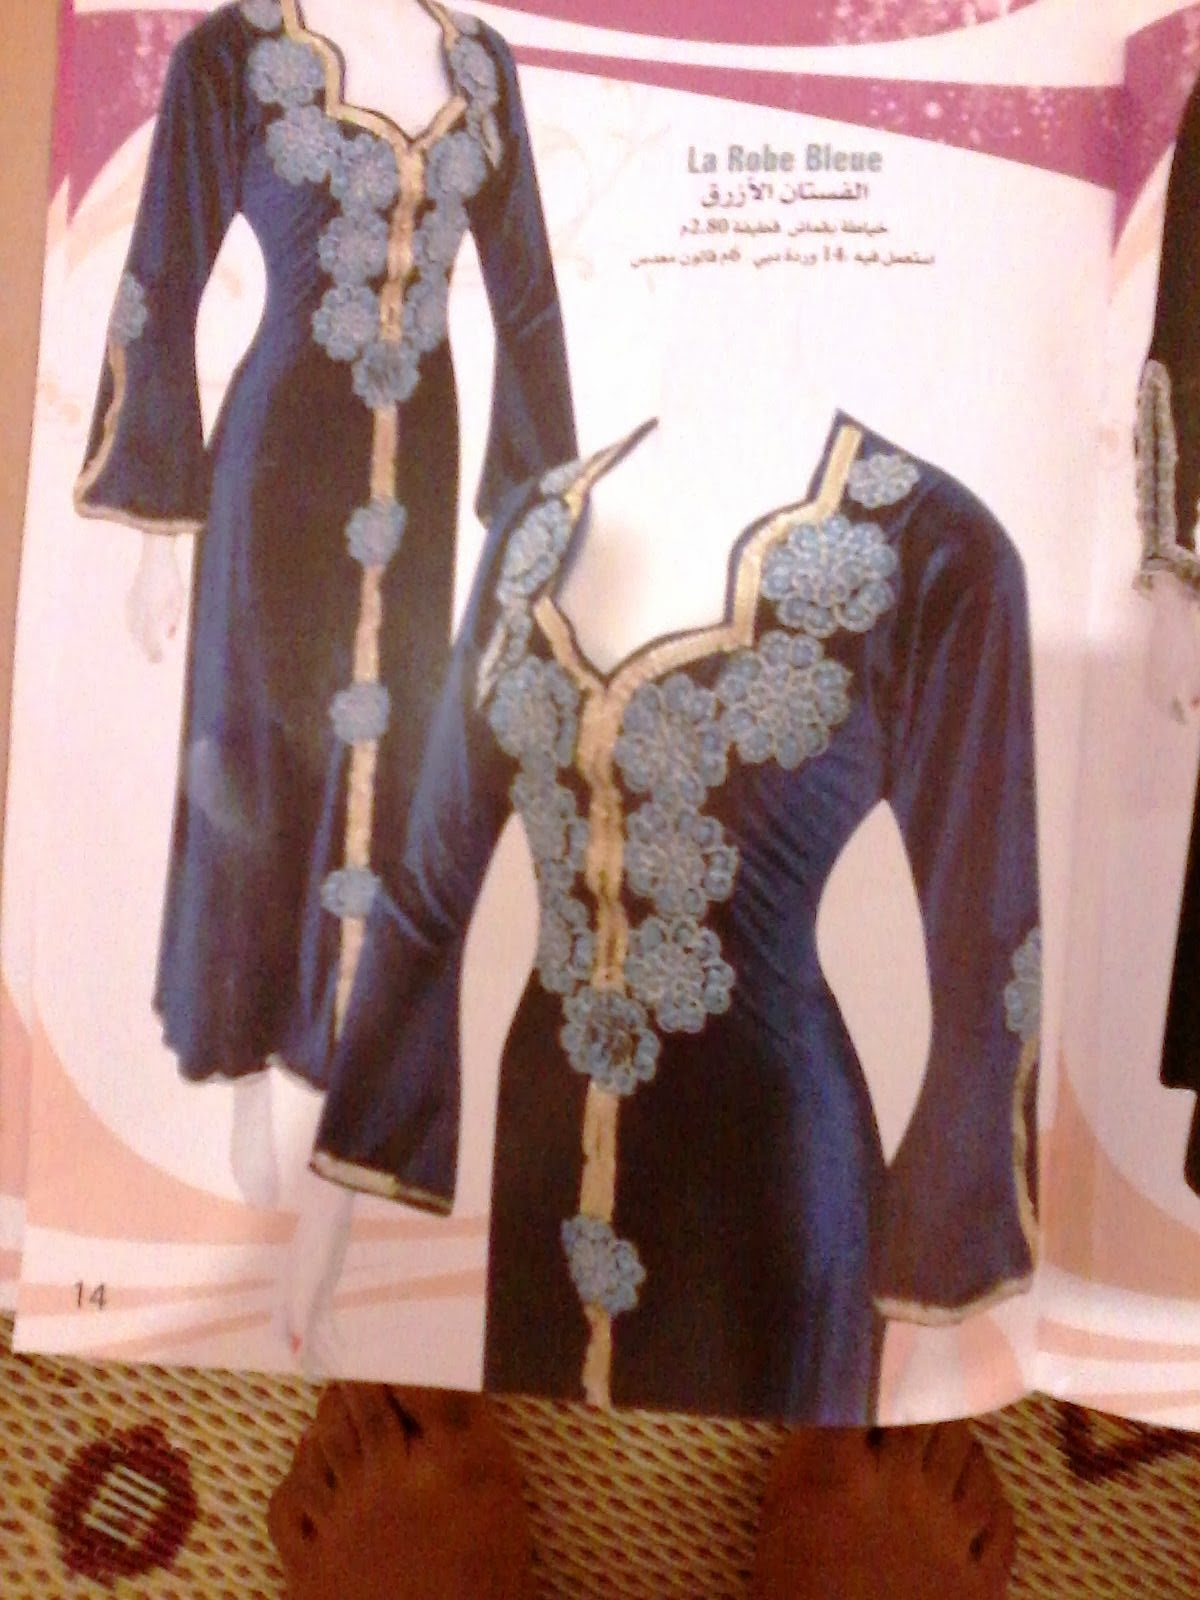 robe d'interieur magazine lamisse été 2013 gandoura